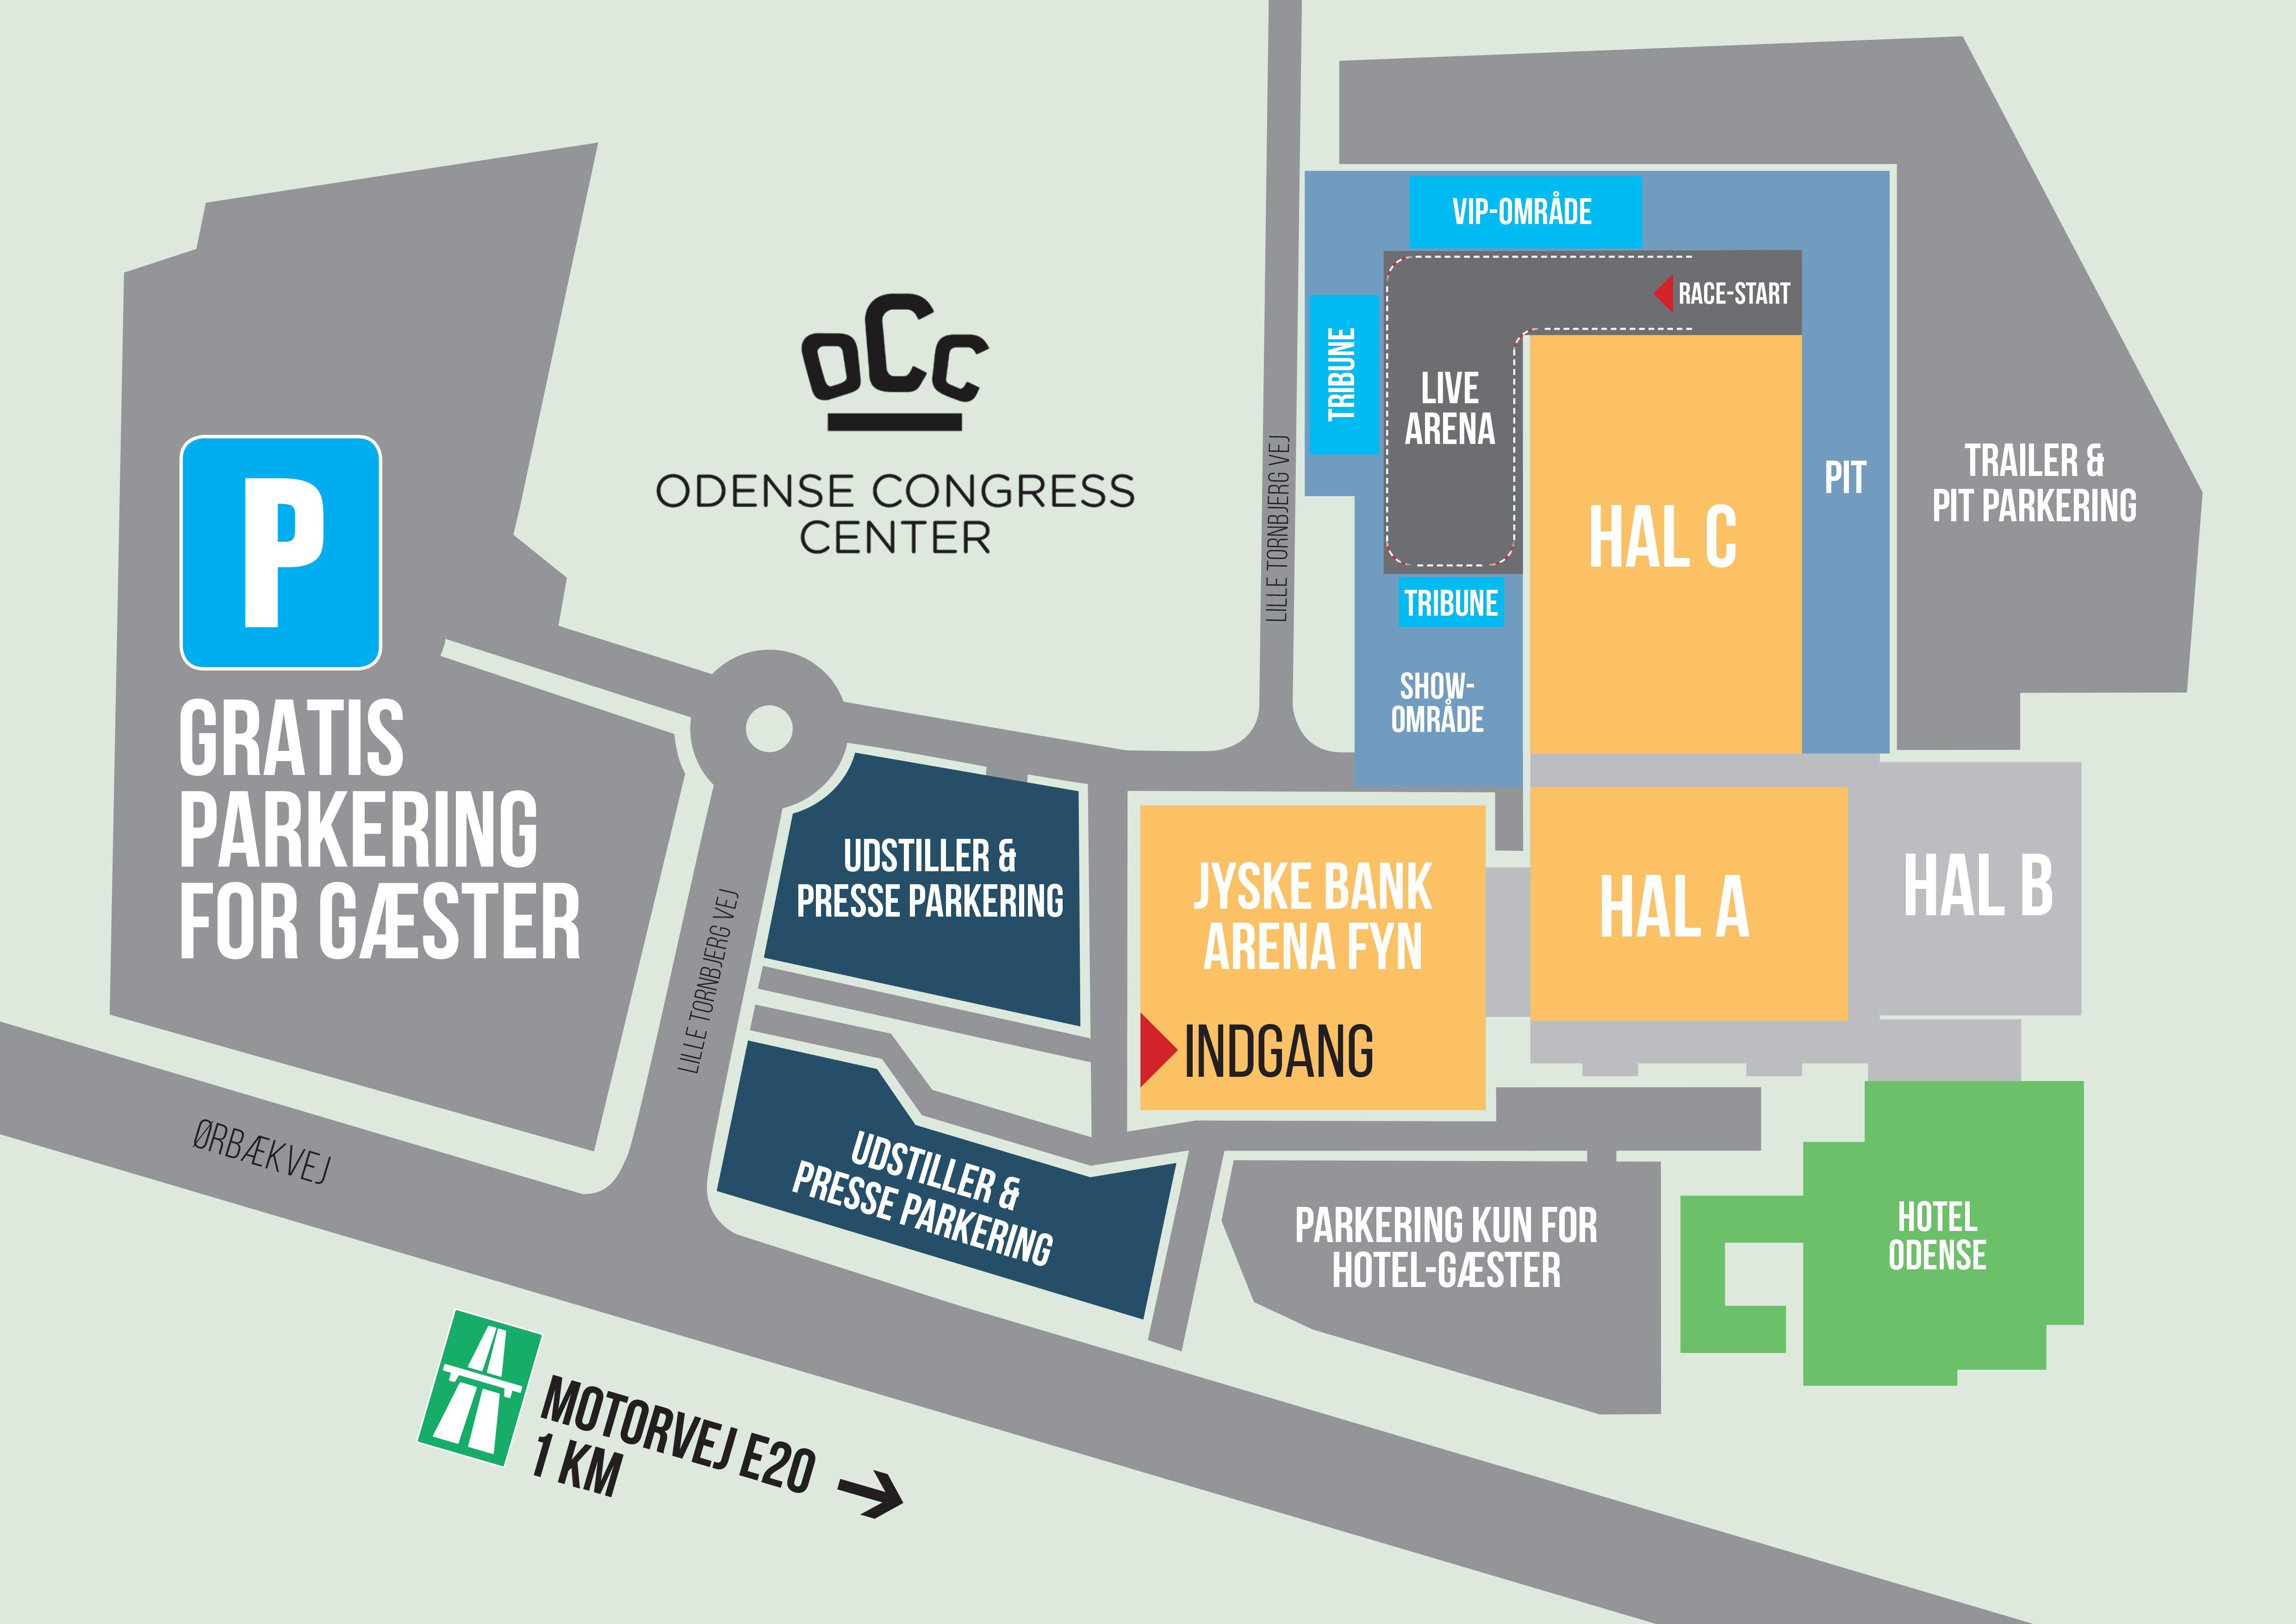 Kort over Auto Show Denmark i Odense Congress Center